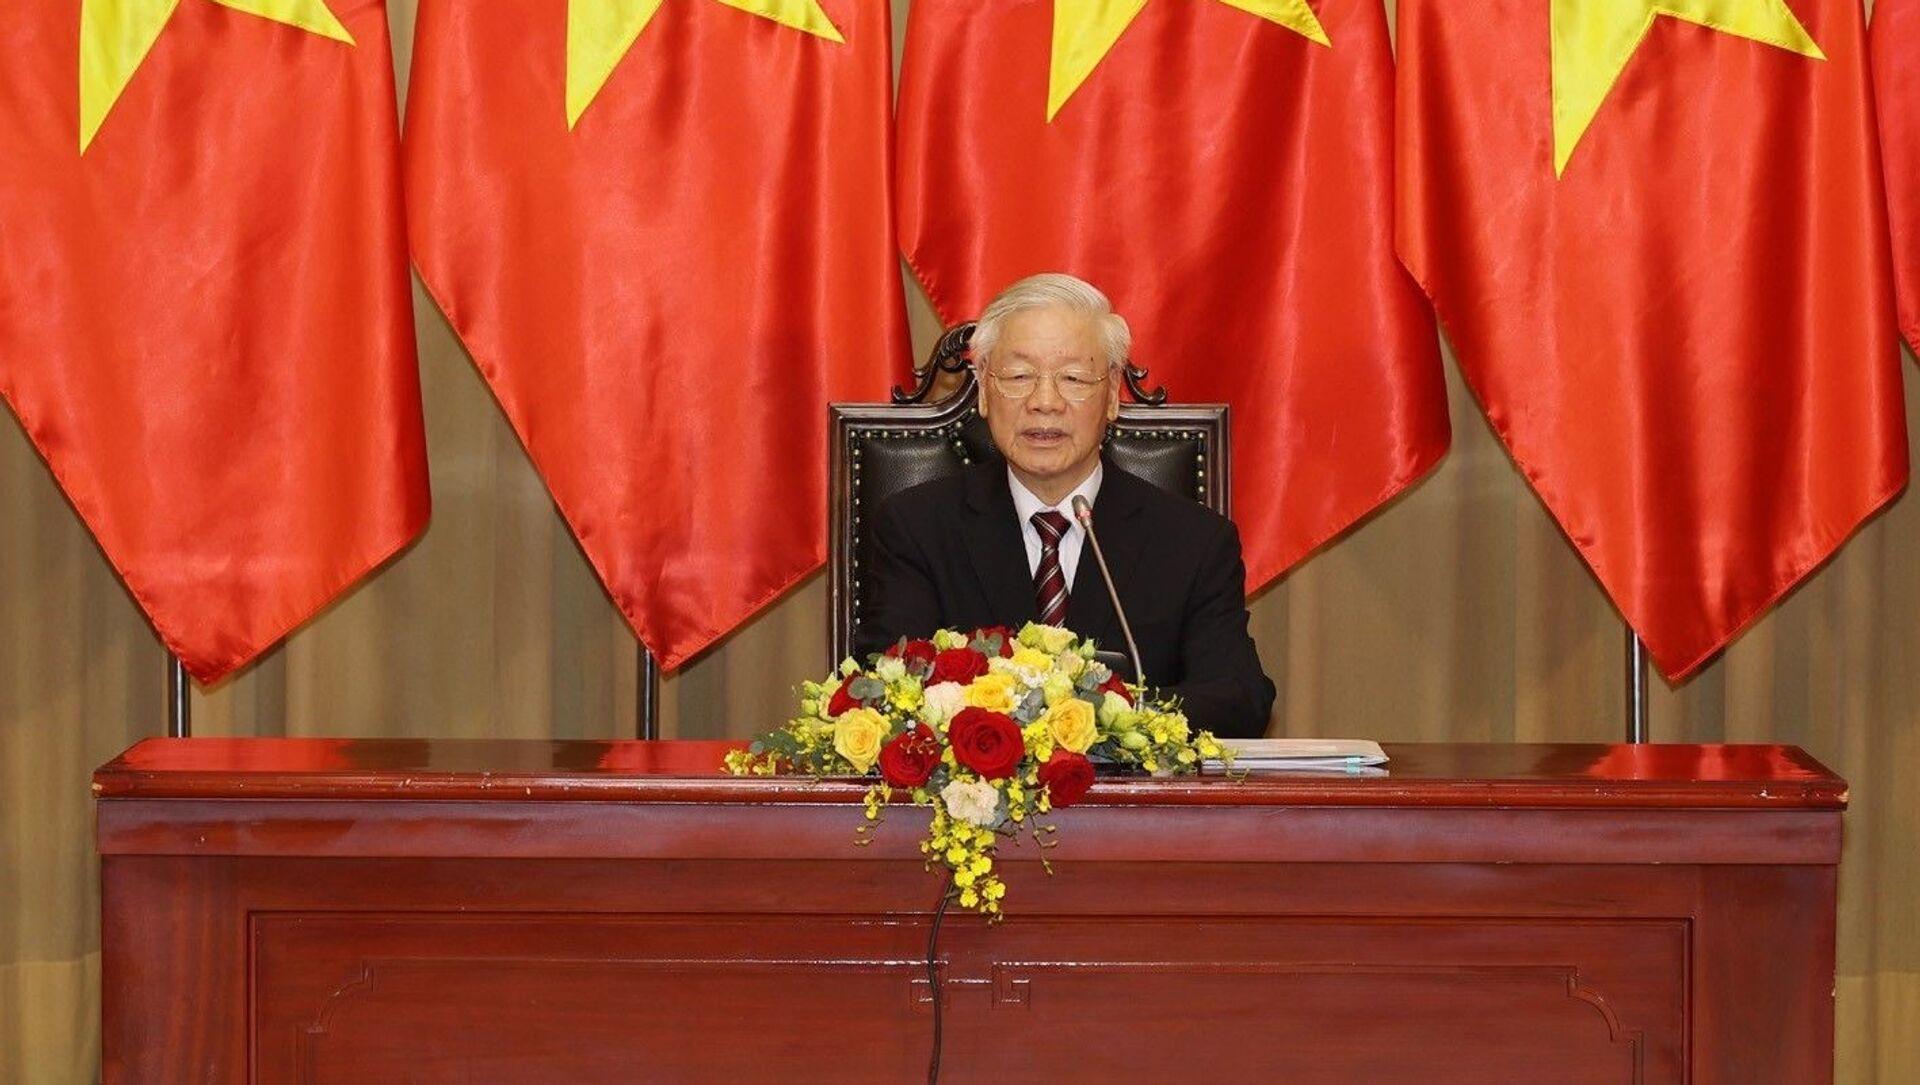 Tổng Bí thư, Chủ tịch nước Nguyễn Phú Trọng nói chuyện với các Đại sứ. - Sputnik Việt Nam, 1920, 17.03.2021